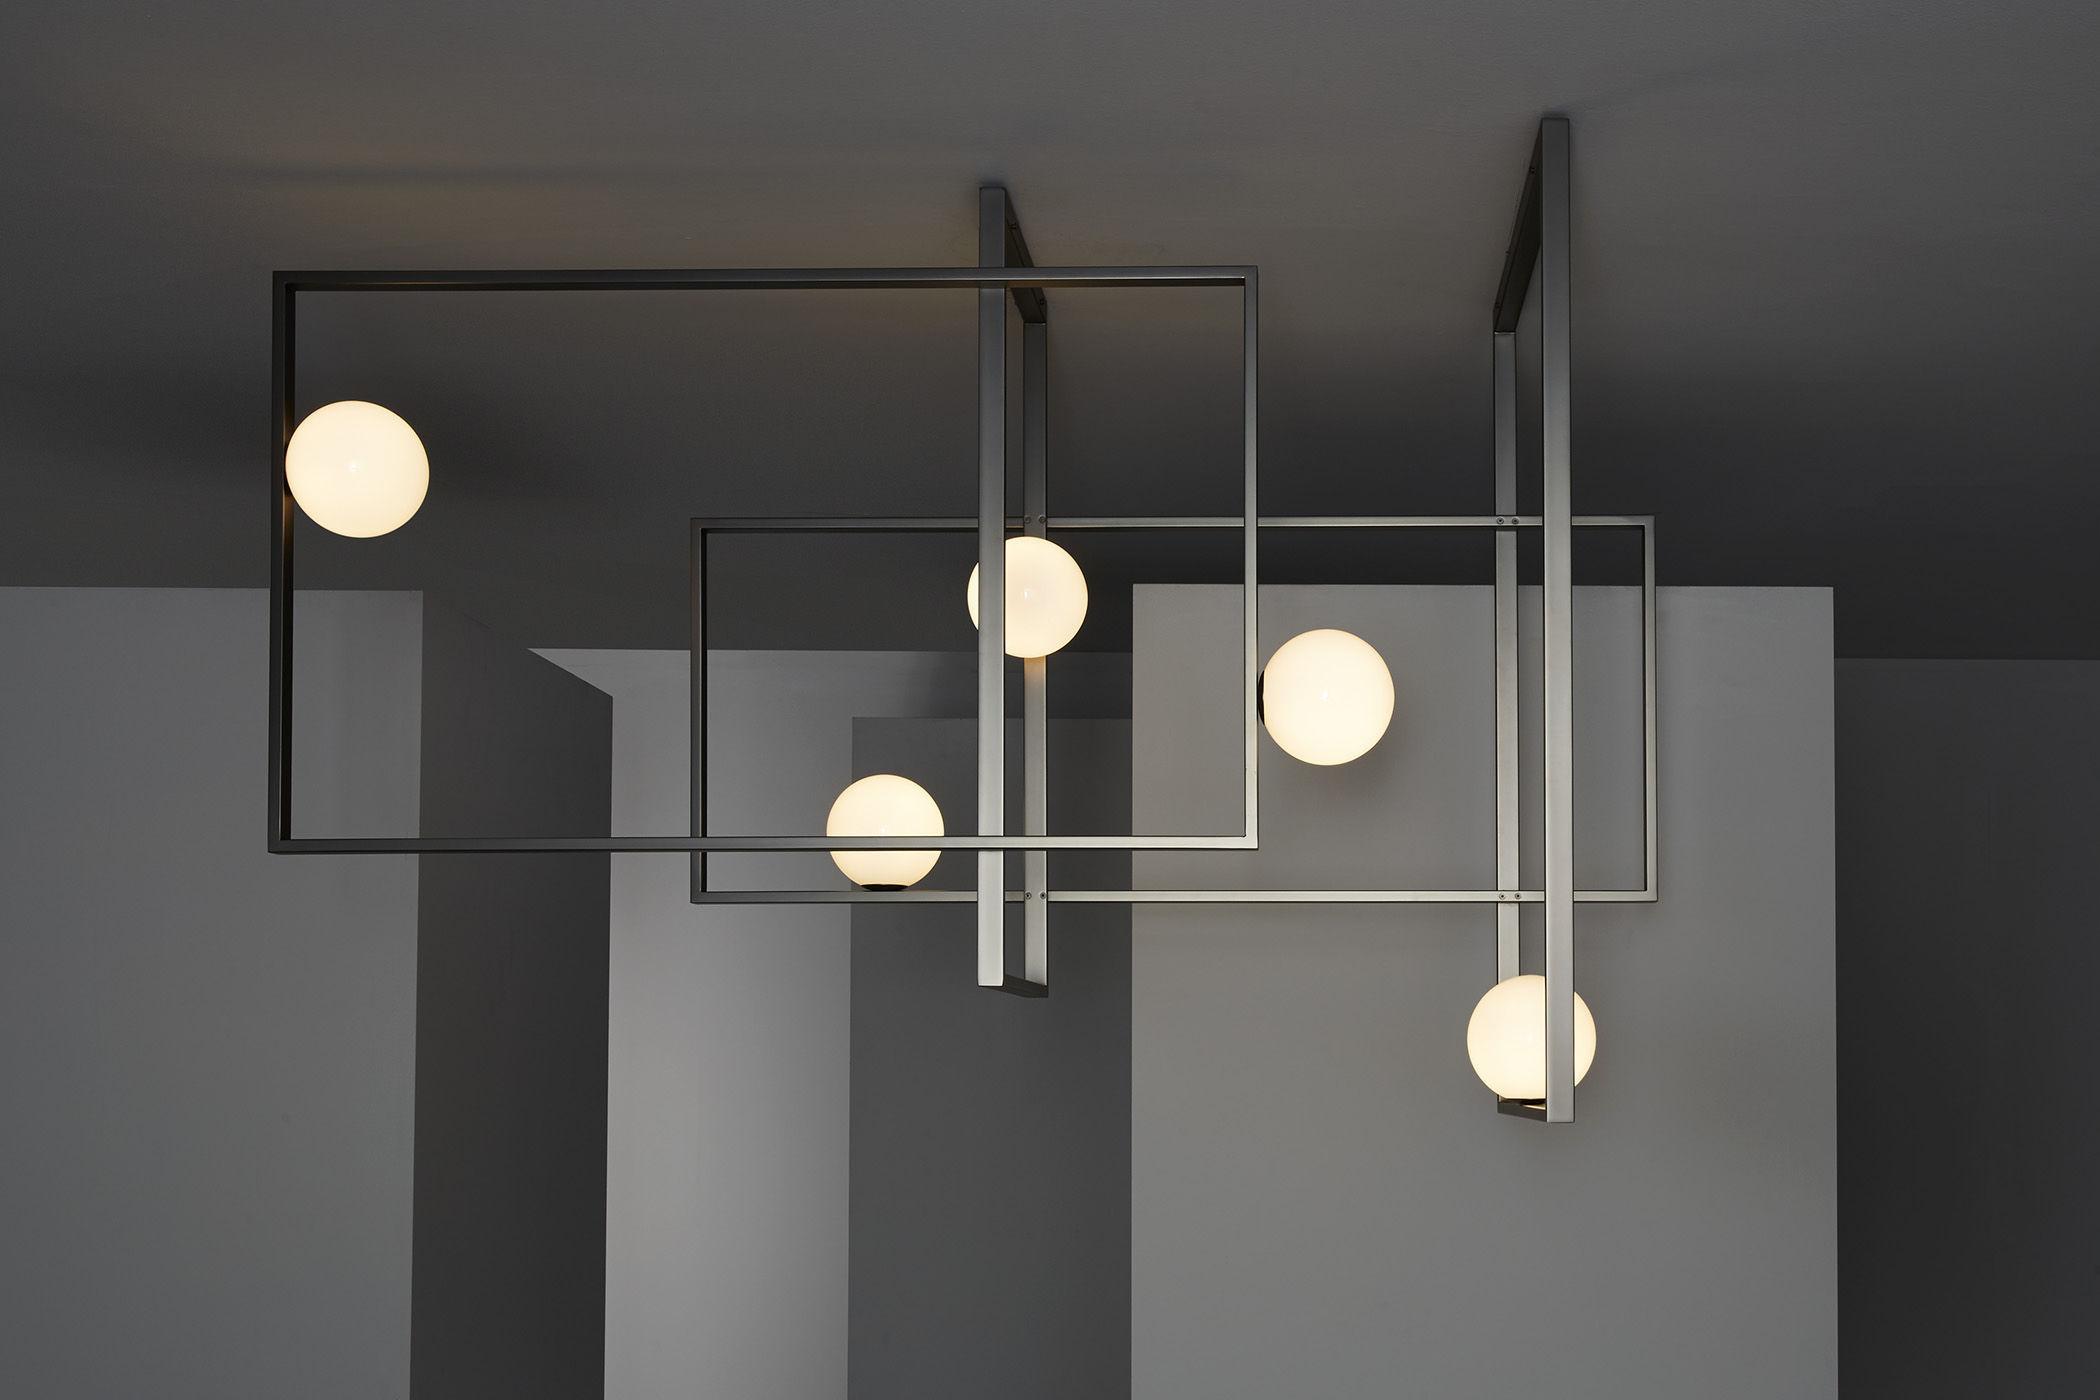 Plafoniera Moderna Vetro Murano : Lampadari vetro murano illuminazione plafoniere applique